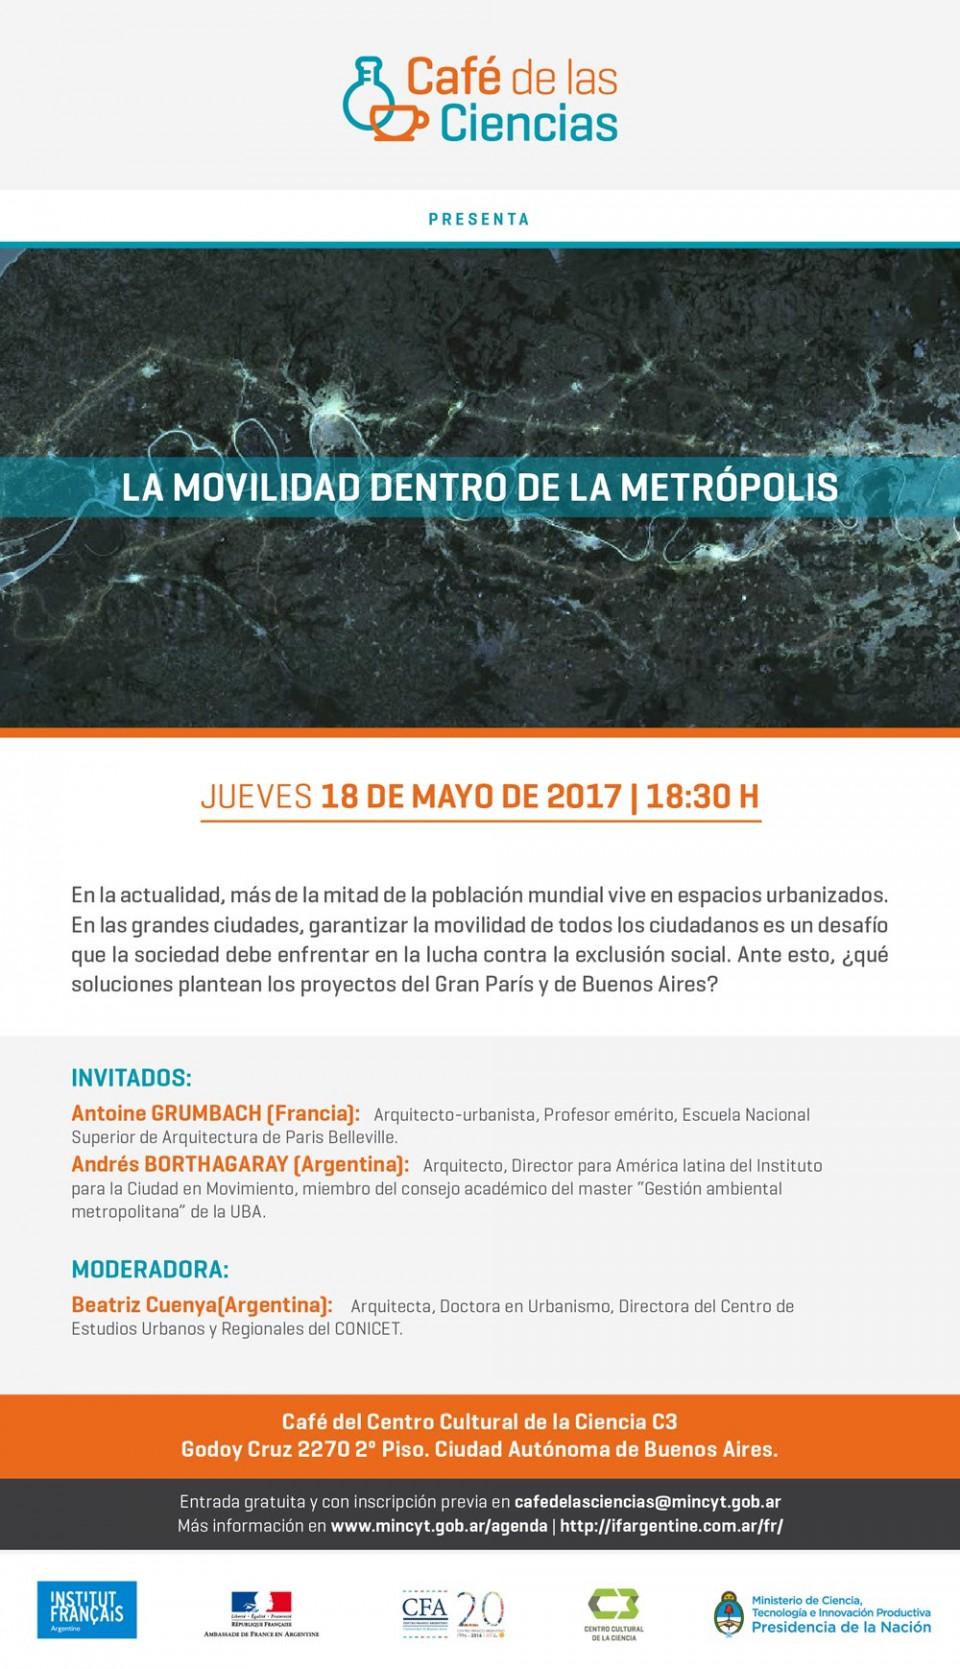 Conferencia: La Movilidad en el corazón de la Metrópoli - por Antoine Grumbach y Andrés Borthagaray